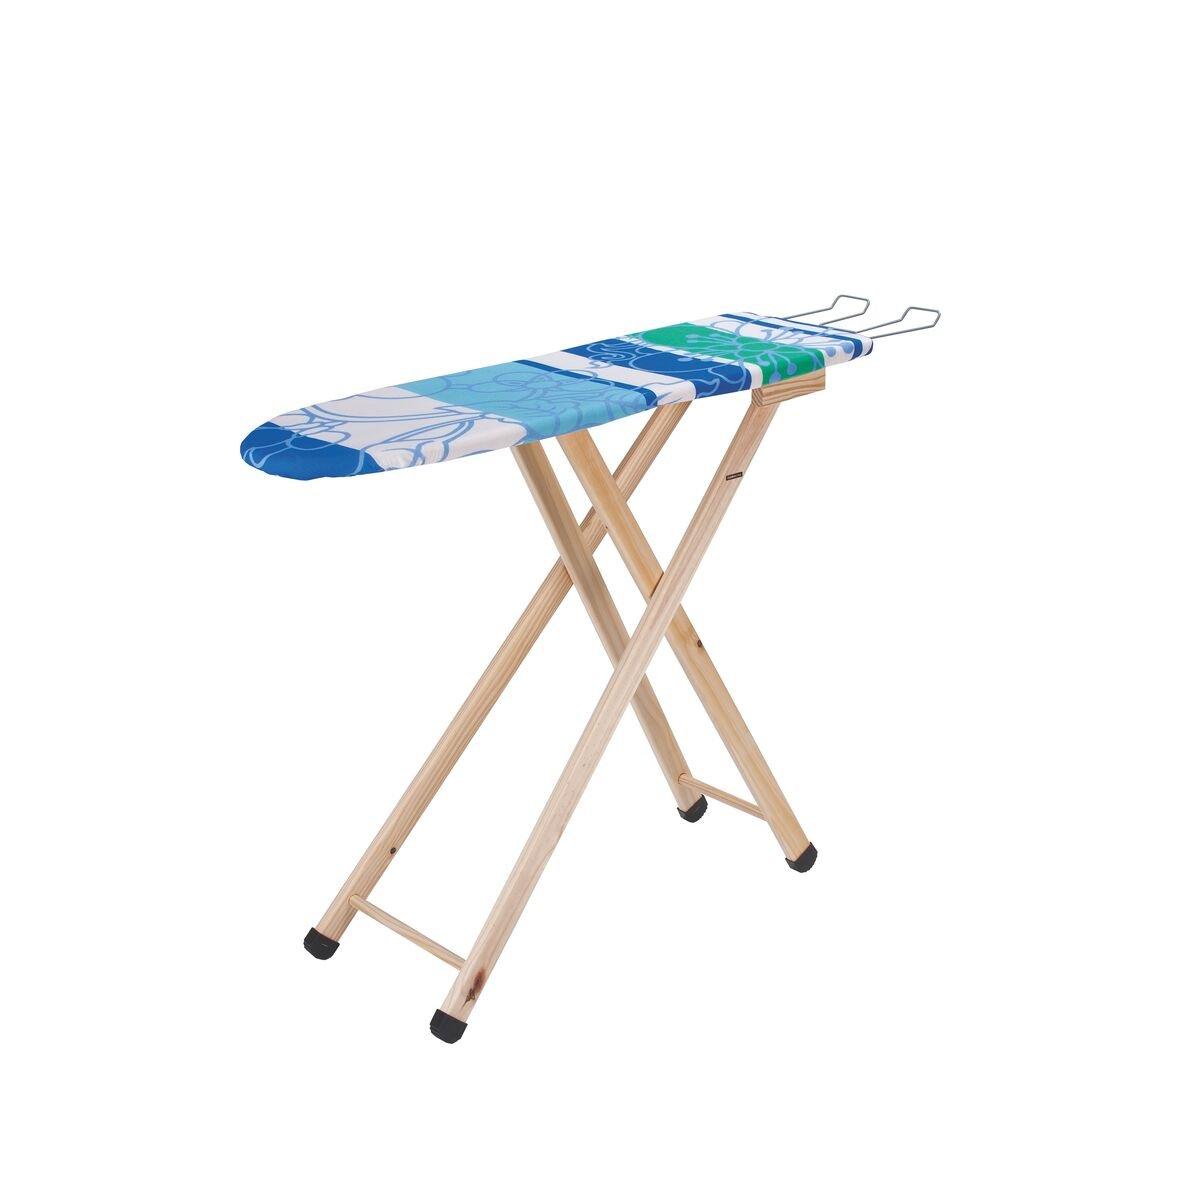 Mesa de Planchar Tramontina Modelo Compact con Forro y Soporte para Plancha